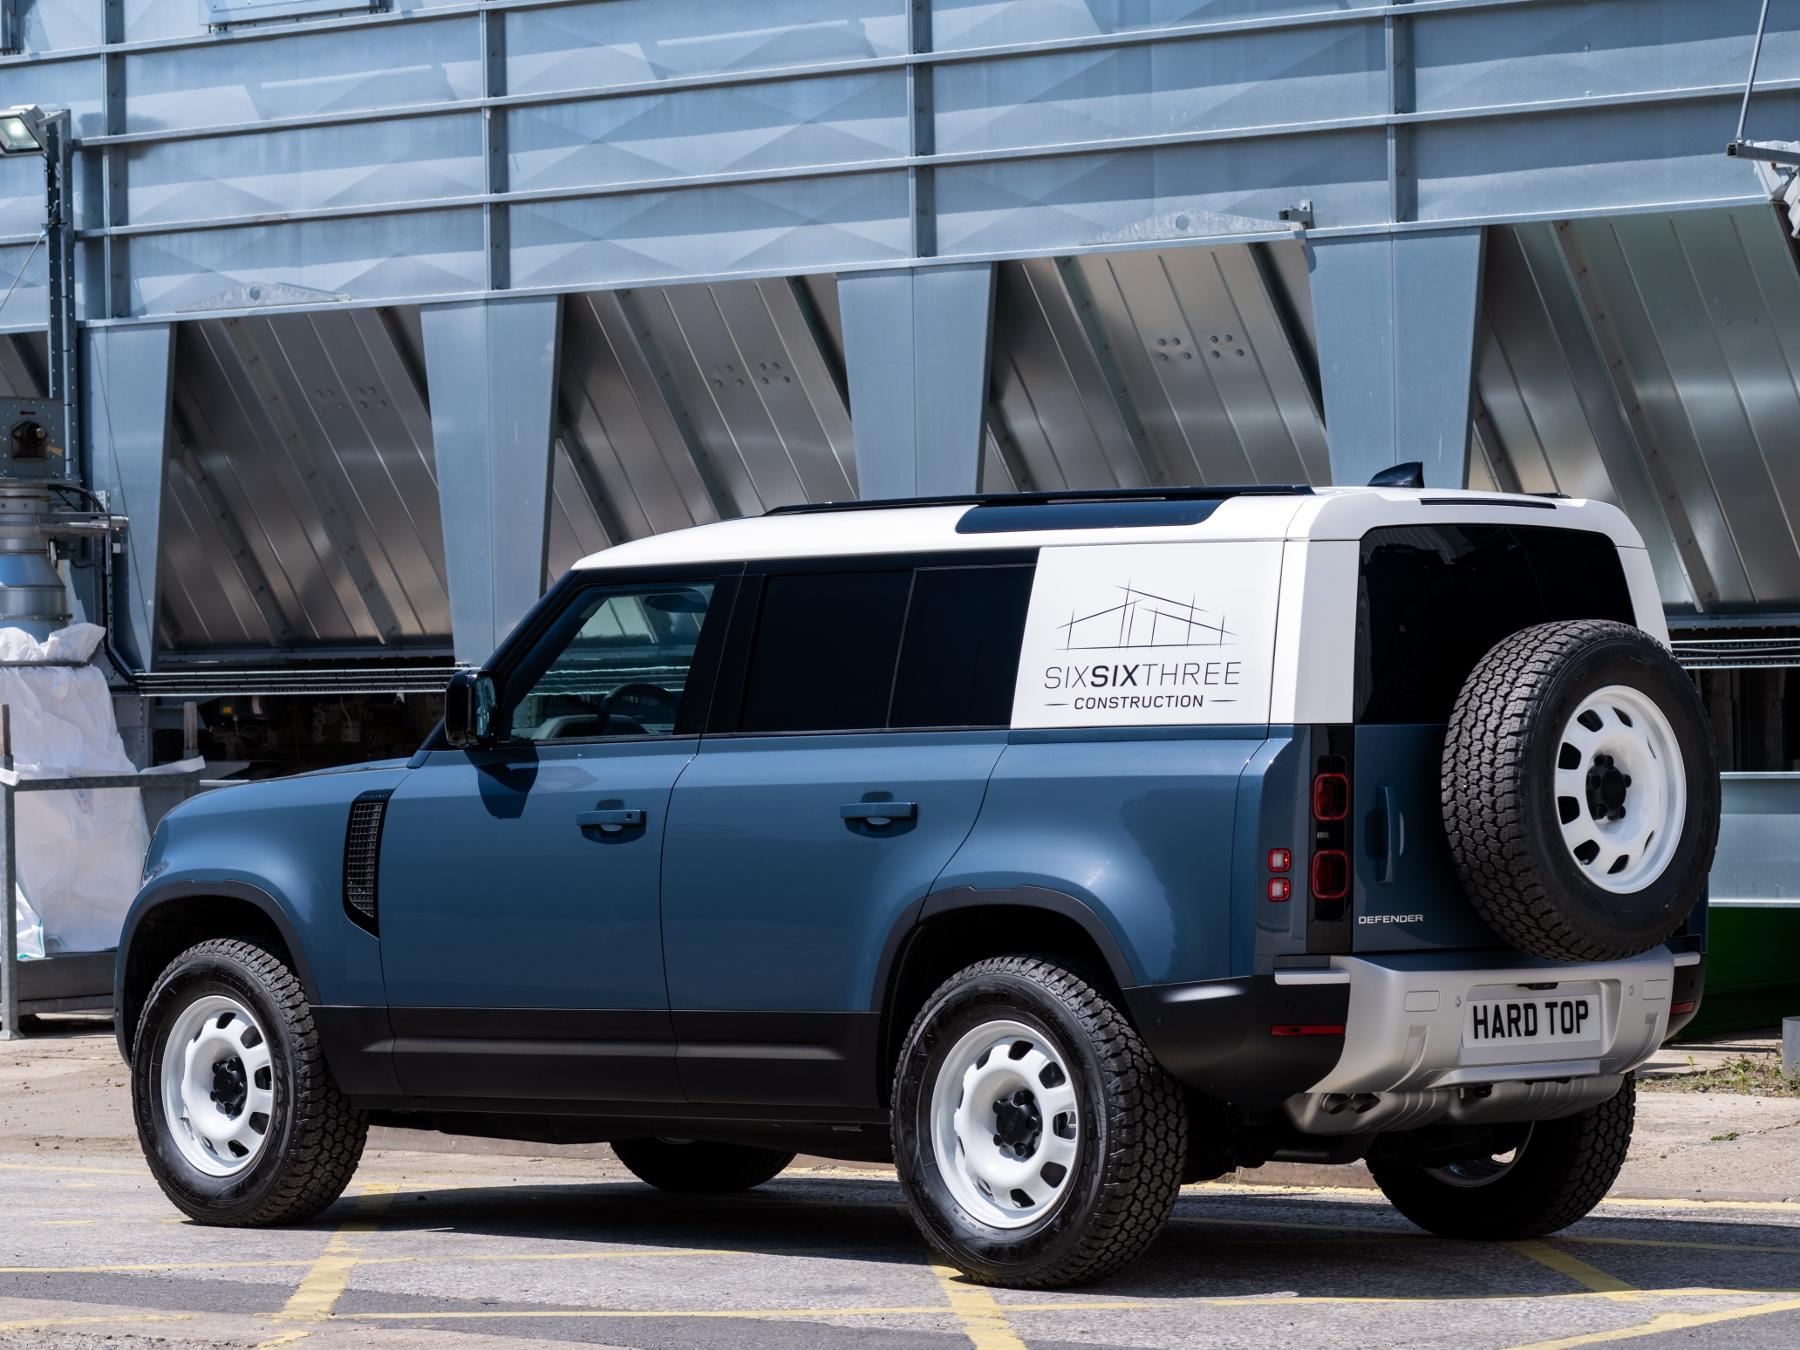 Nový Land Rover Defender prichádza v úžitkovej verzii Hard Top fxWhCvJ1oP 9lrdefhardtop30062004-1800